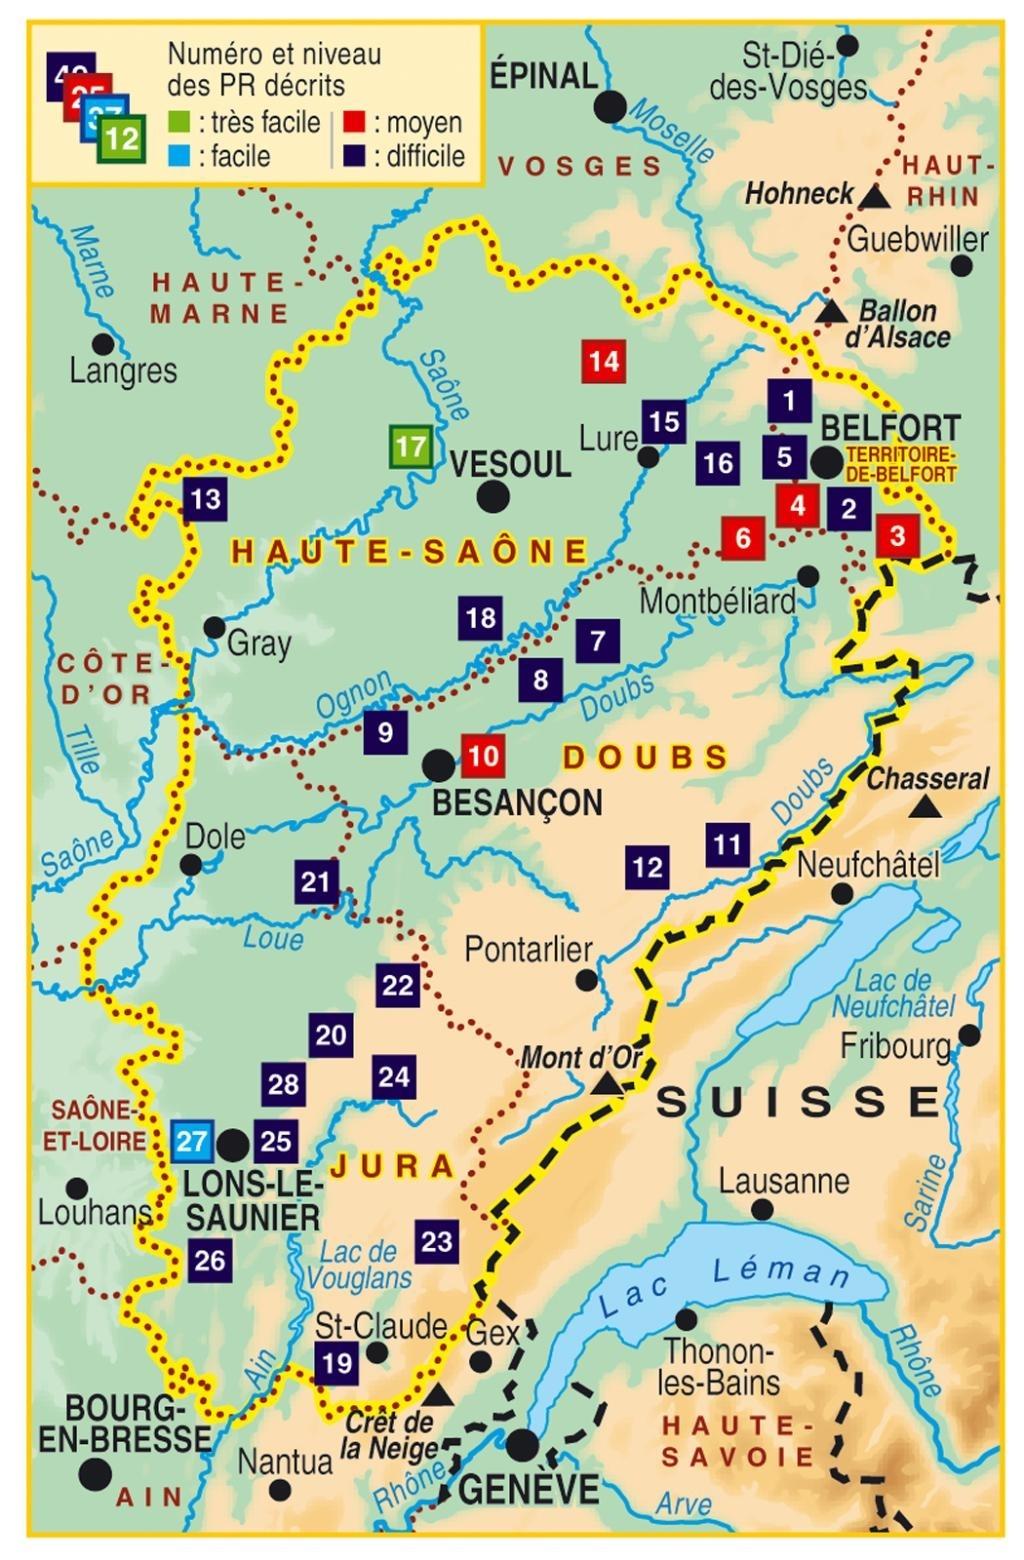 Topoguide randonnees en franche comte de gare en gare for Balade en franche comte